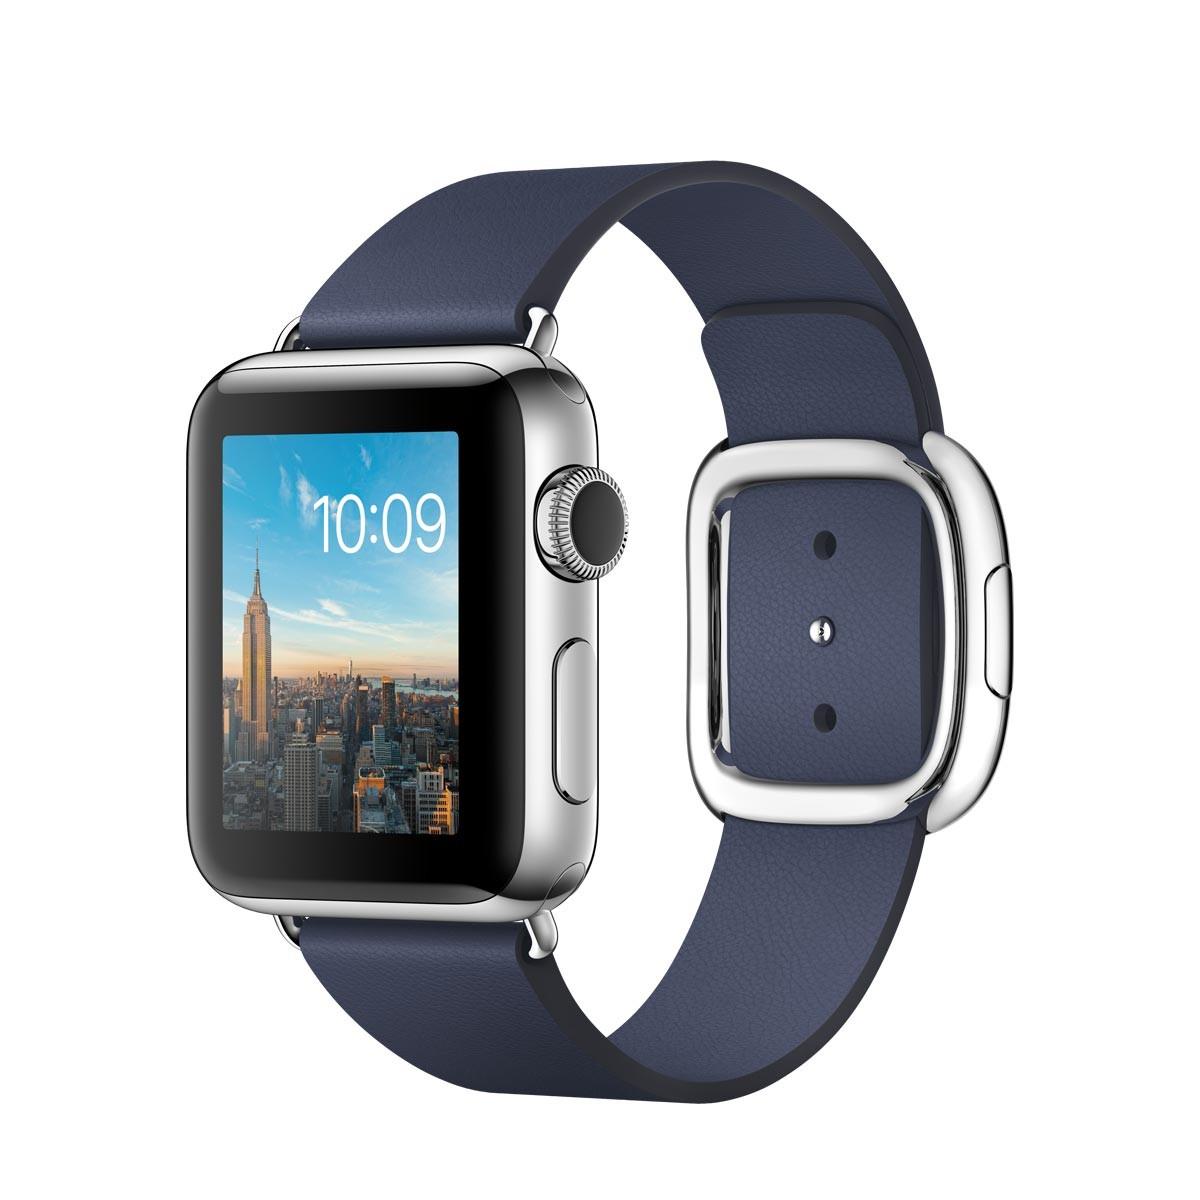 Apple Watch Series 2 - 38mm pouzdro z nerezové oceli – půlnočně modrý řemínek s moderní přezkou L